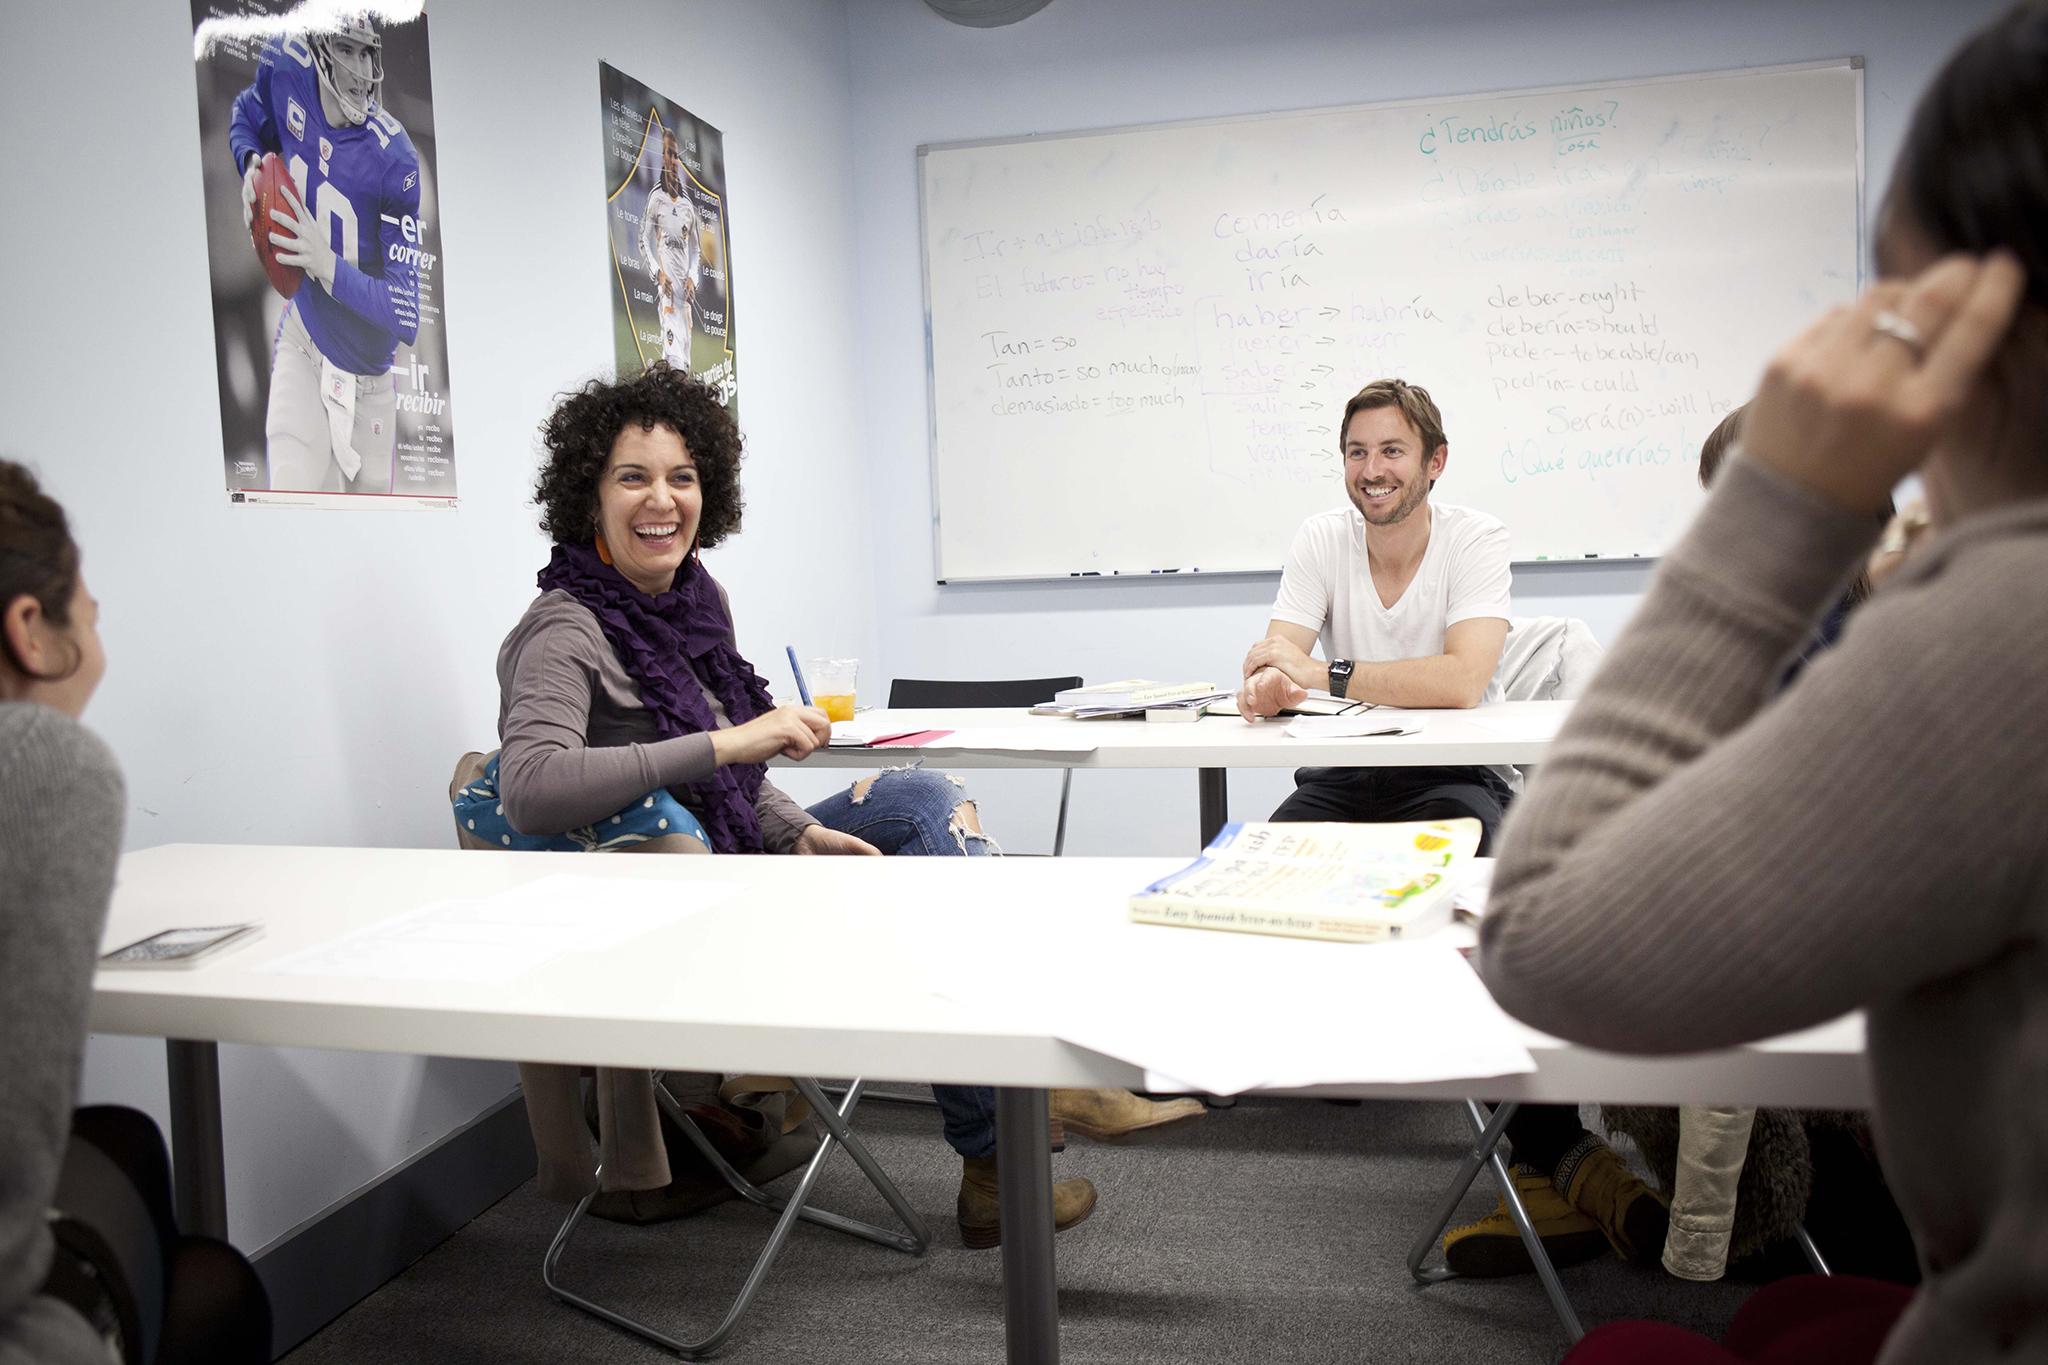 Intro classes at Fluent City